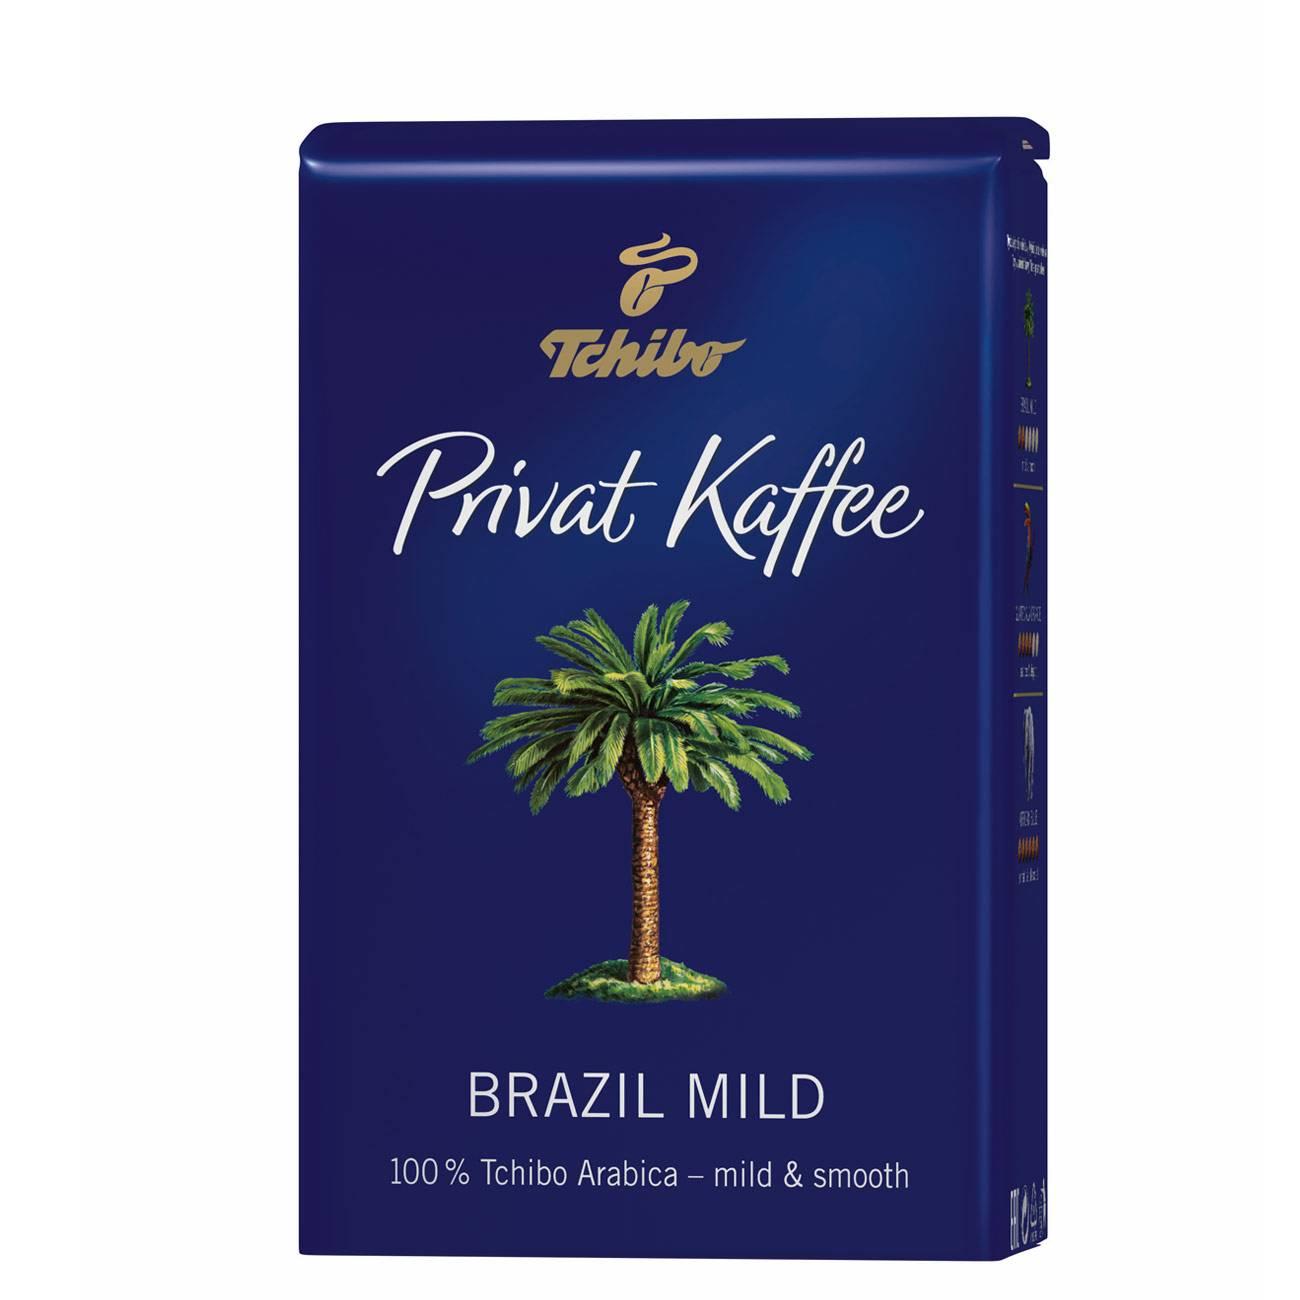 PRIVAT KAFFEE BRASIL MILD BEANS 500gr